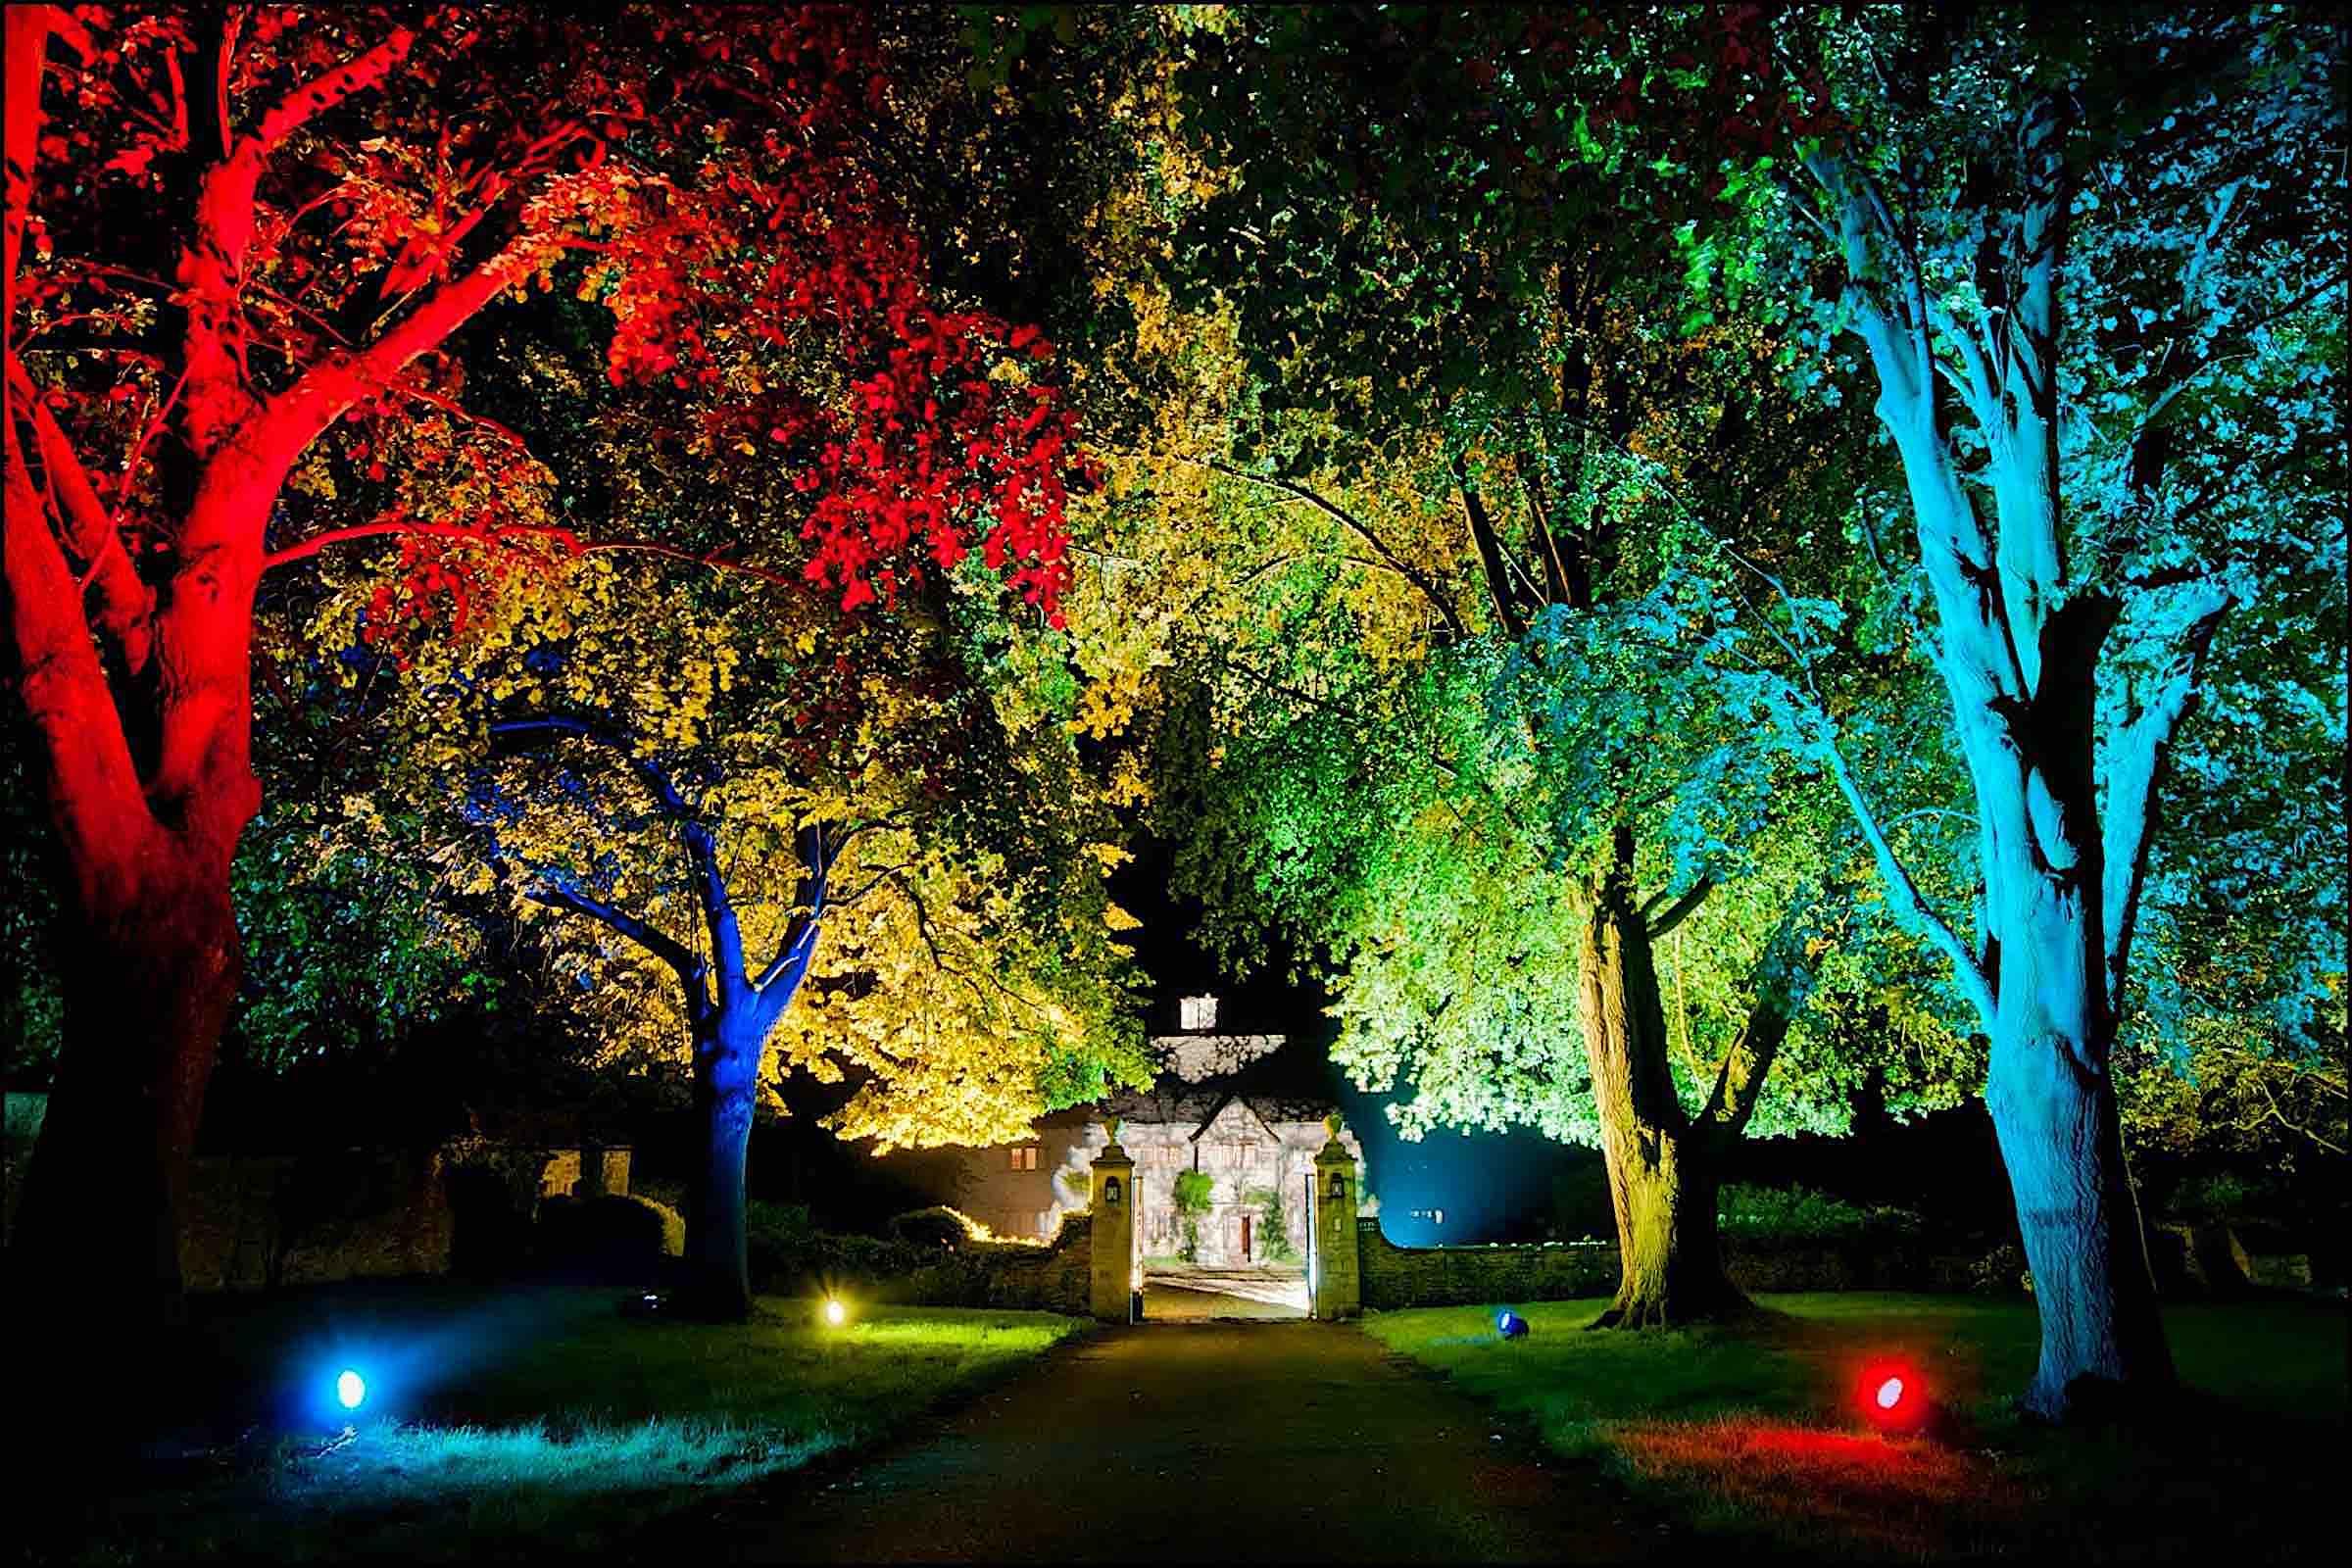 Lichttechnik| Outdoor| Bäume| Beleuchtung| Scheinwerfer| Lichttechnik| Uplight| Licht| Konzept| Illumination| Veranstaltungstechnik| Firmenkunden| Eventtechnik| Eventaustattung| Mieten| Buchen